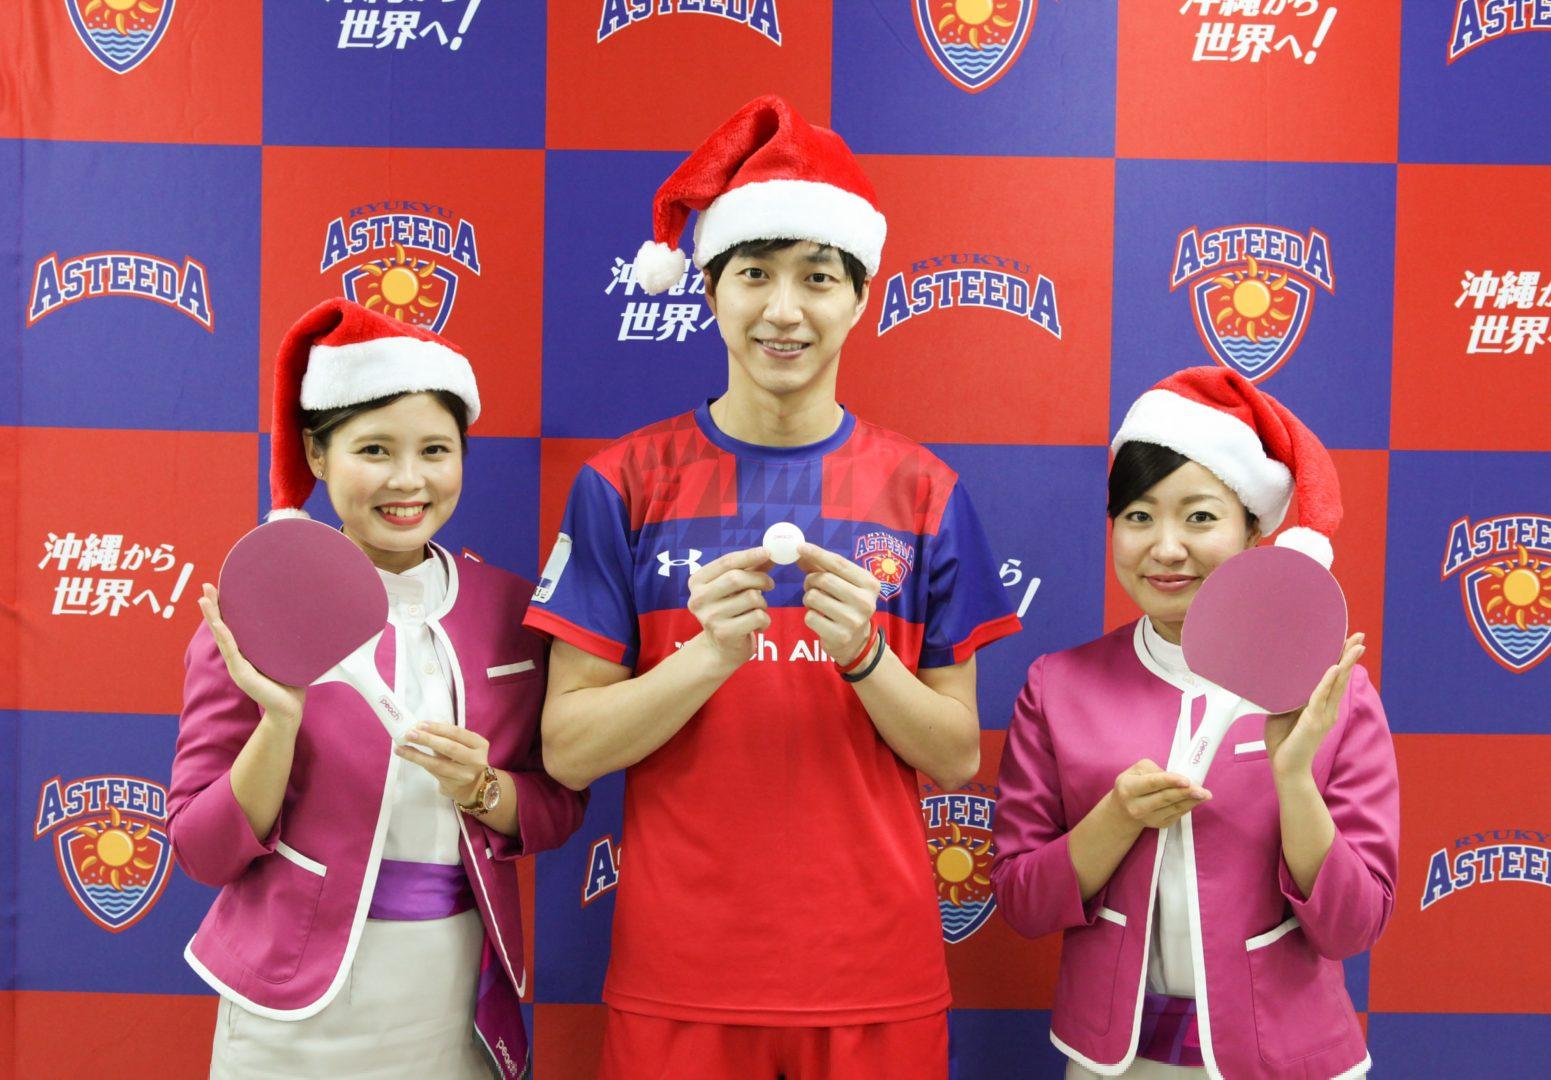 【Peach×Rallys】 クリスマスプレゼントキャンペーンのお知らせ